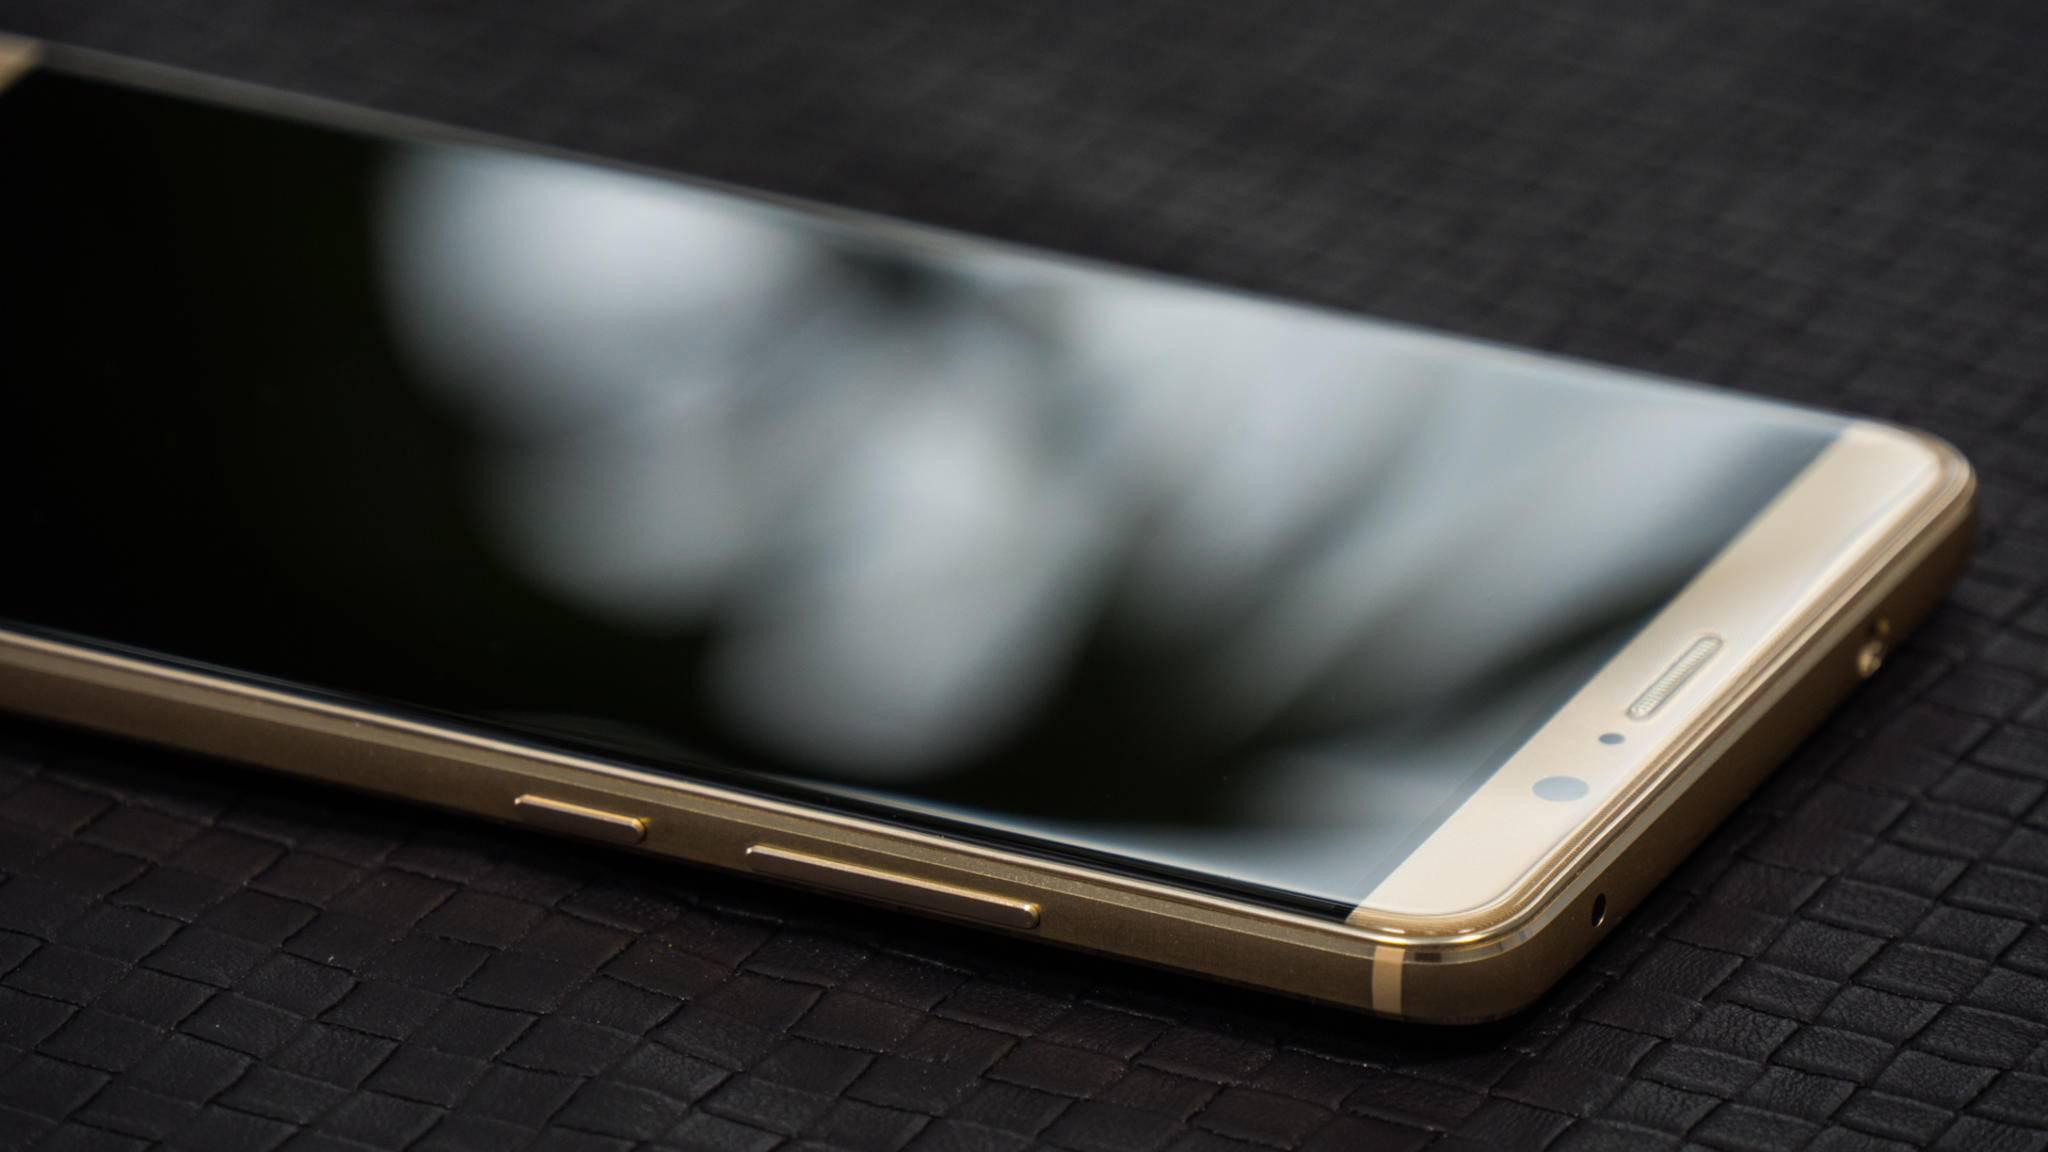 Das Huawei Mate 9 erhält in Kürze Android 8.0 Oreo mit der Benutzeroberfläche EMUI 6.